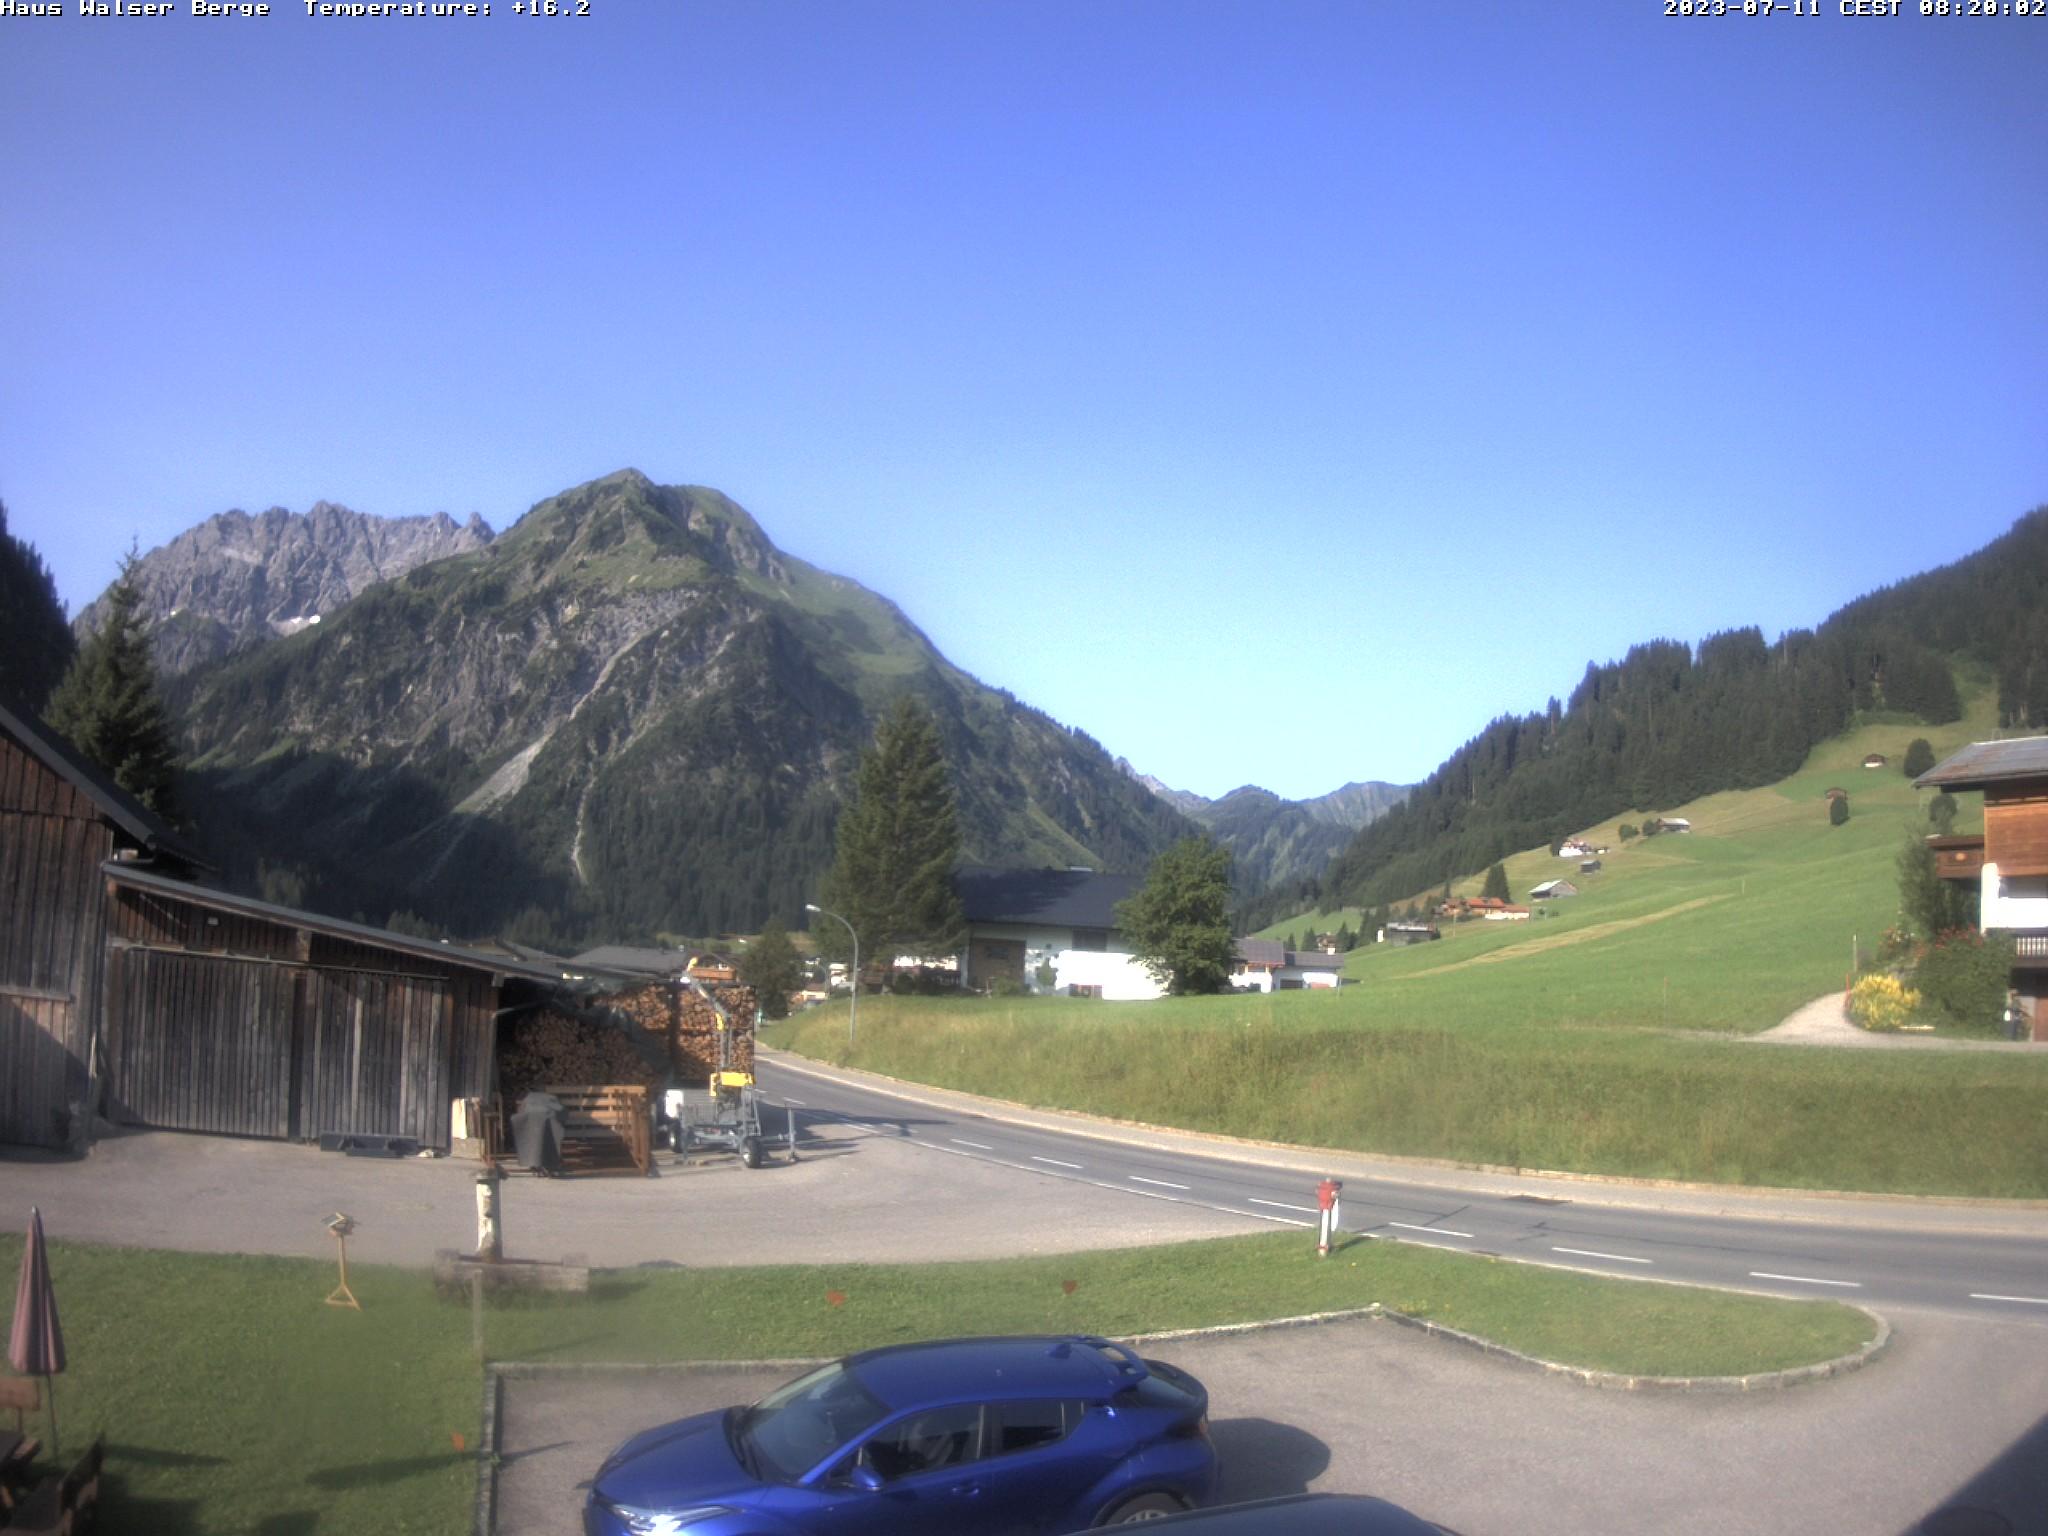 Webcam Kleinwalsertal - Mittelberg - haus walser berge - 1169 m